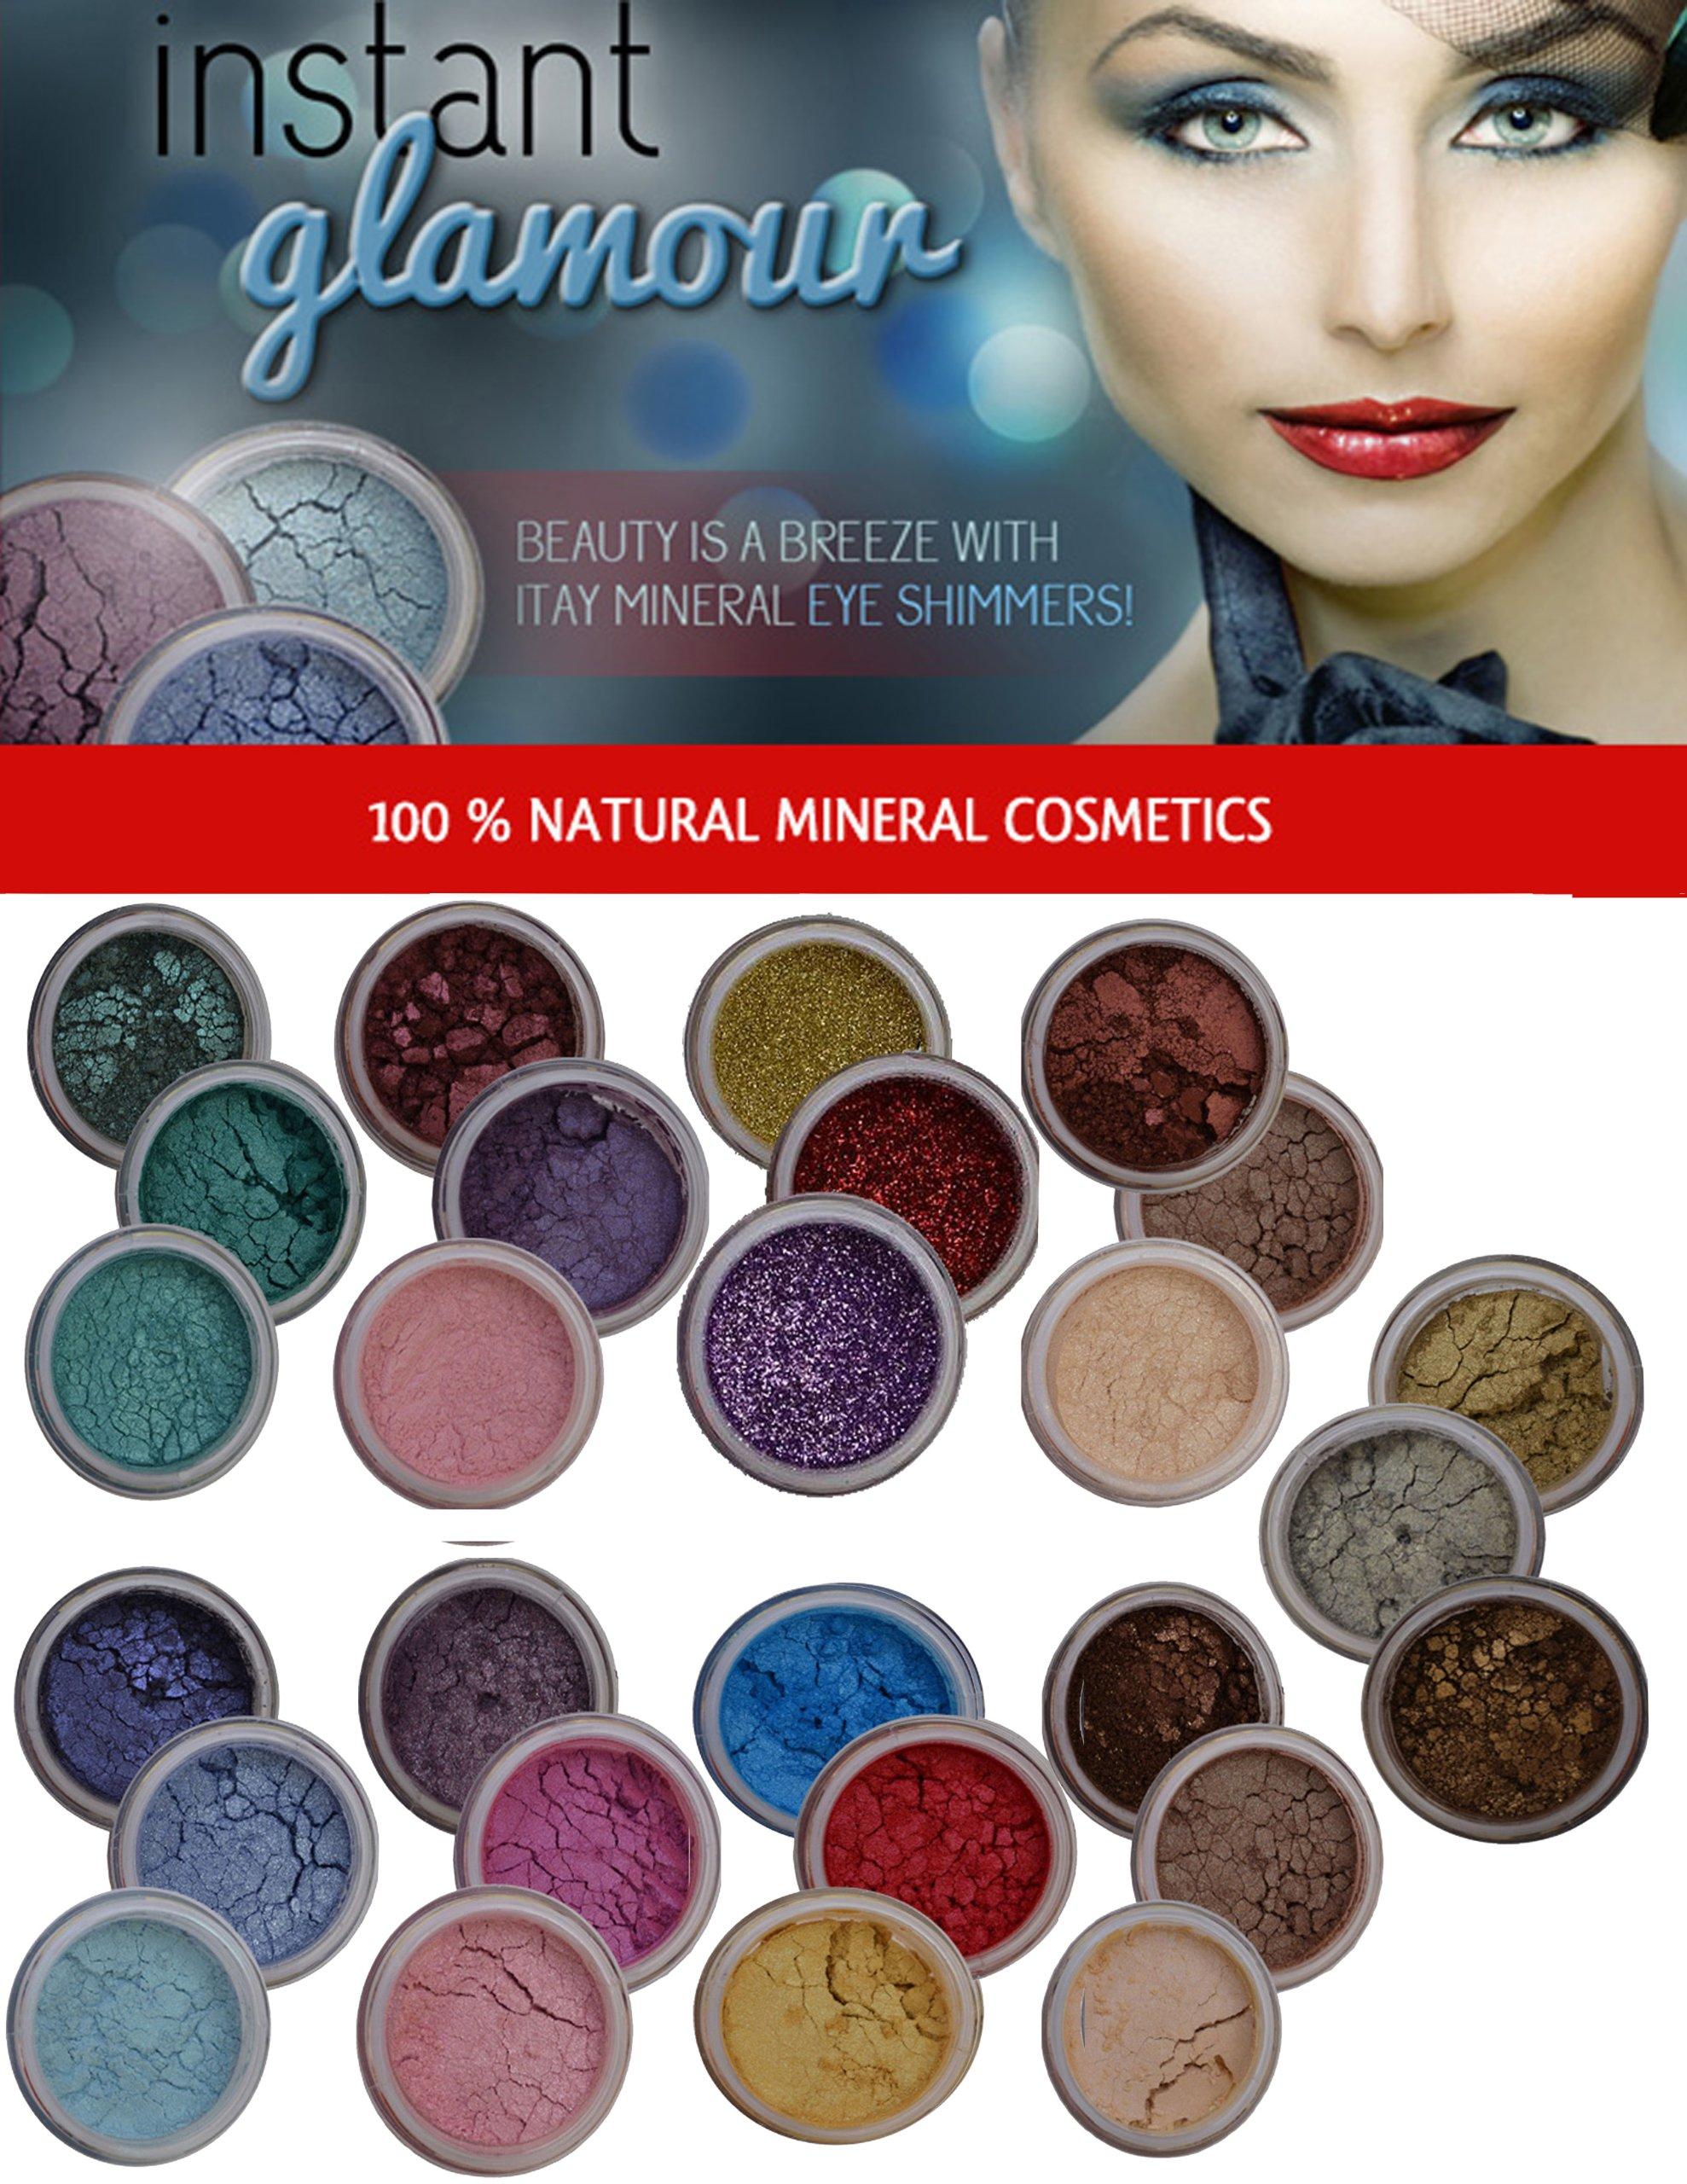 ITAY Beauty Mineral 9x3 Stacks Shimmer Eye Shadow Makeup 27 Natural Colors